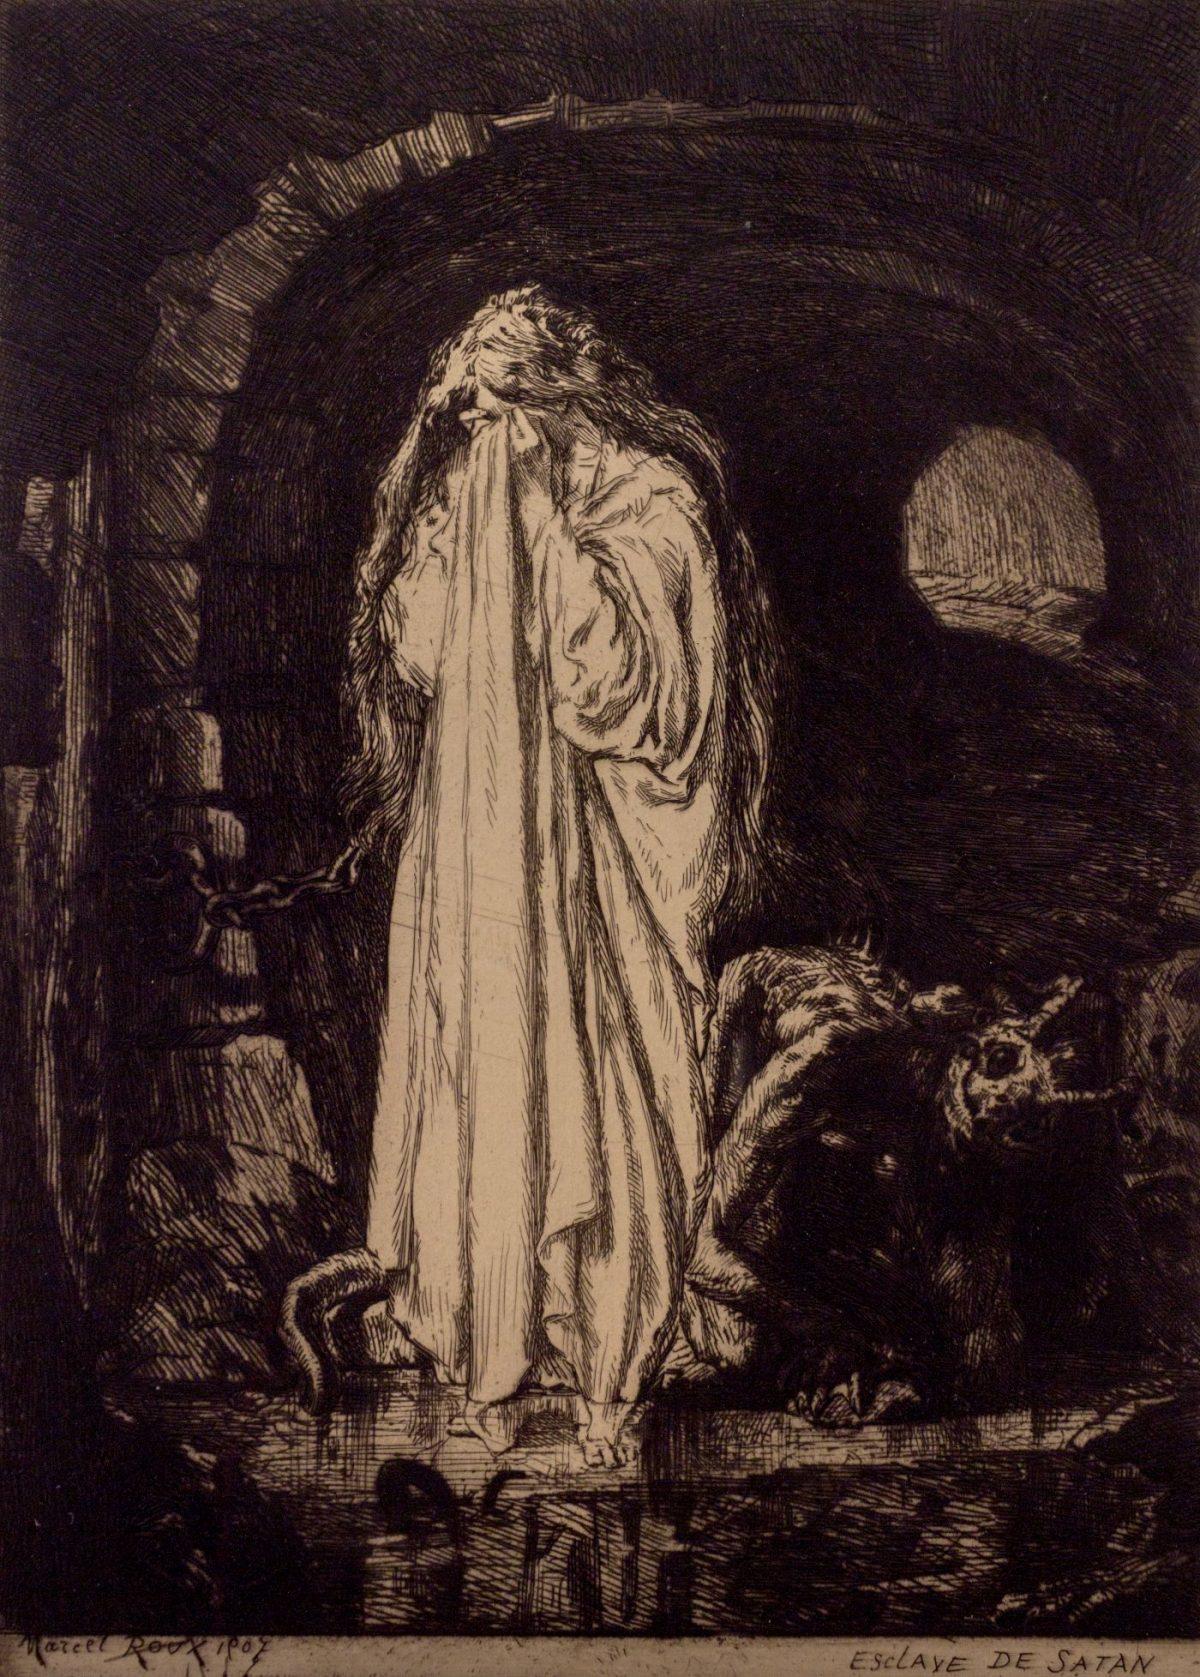 010 MARCEL ROUX 1200x1677 - Дьявольщина, достойная современных хорроров: картины Марселя Ру (1878-1922)